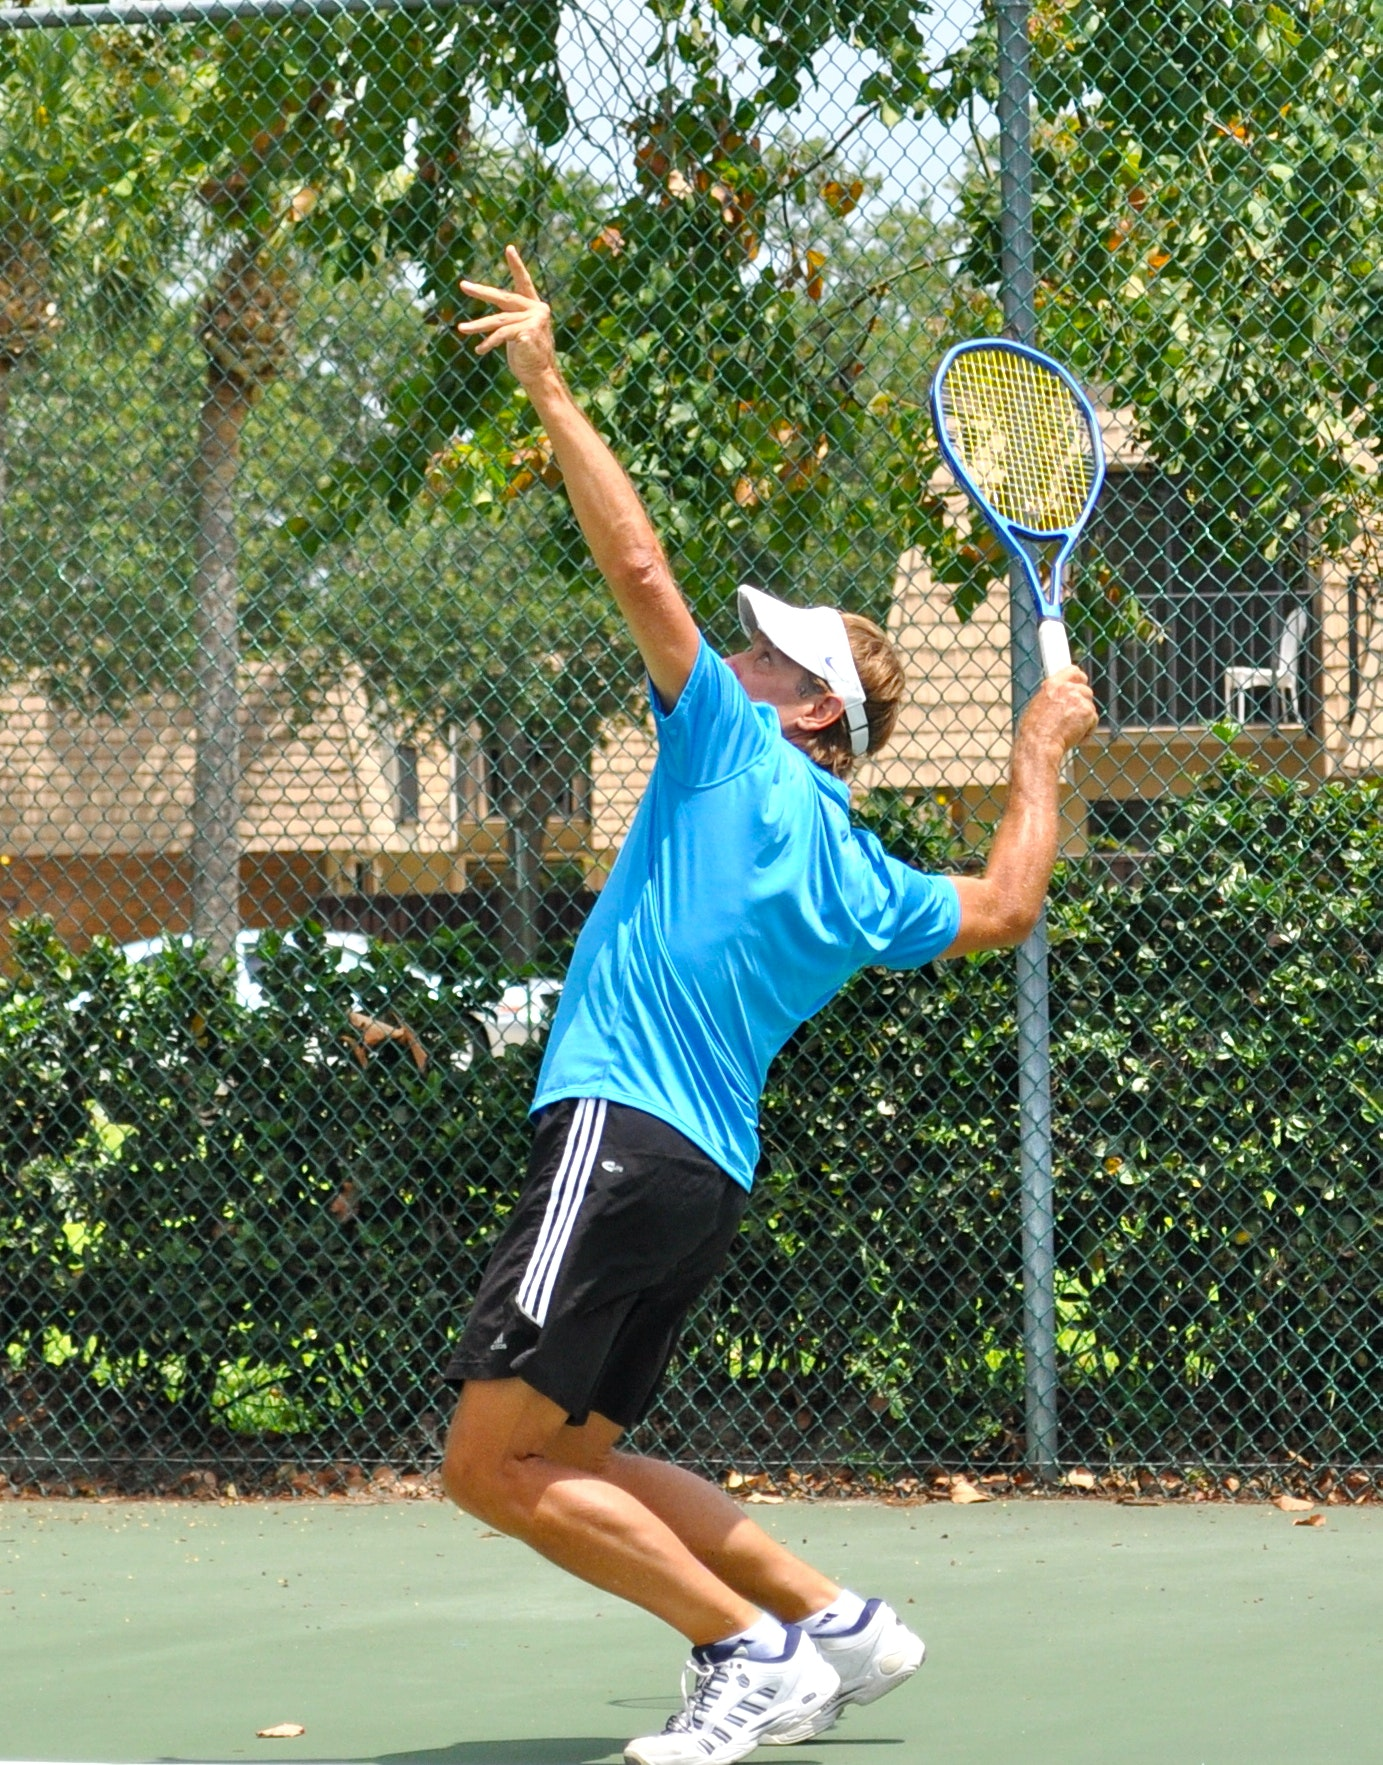 Dennis G. teaches tennis lessons in Palm Beach Gardens, FL